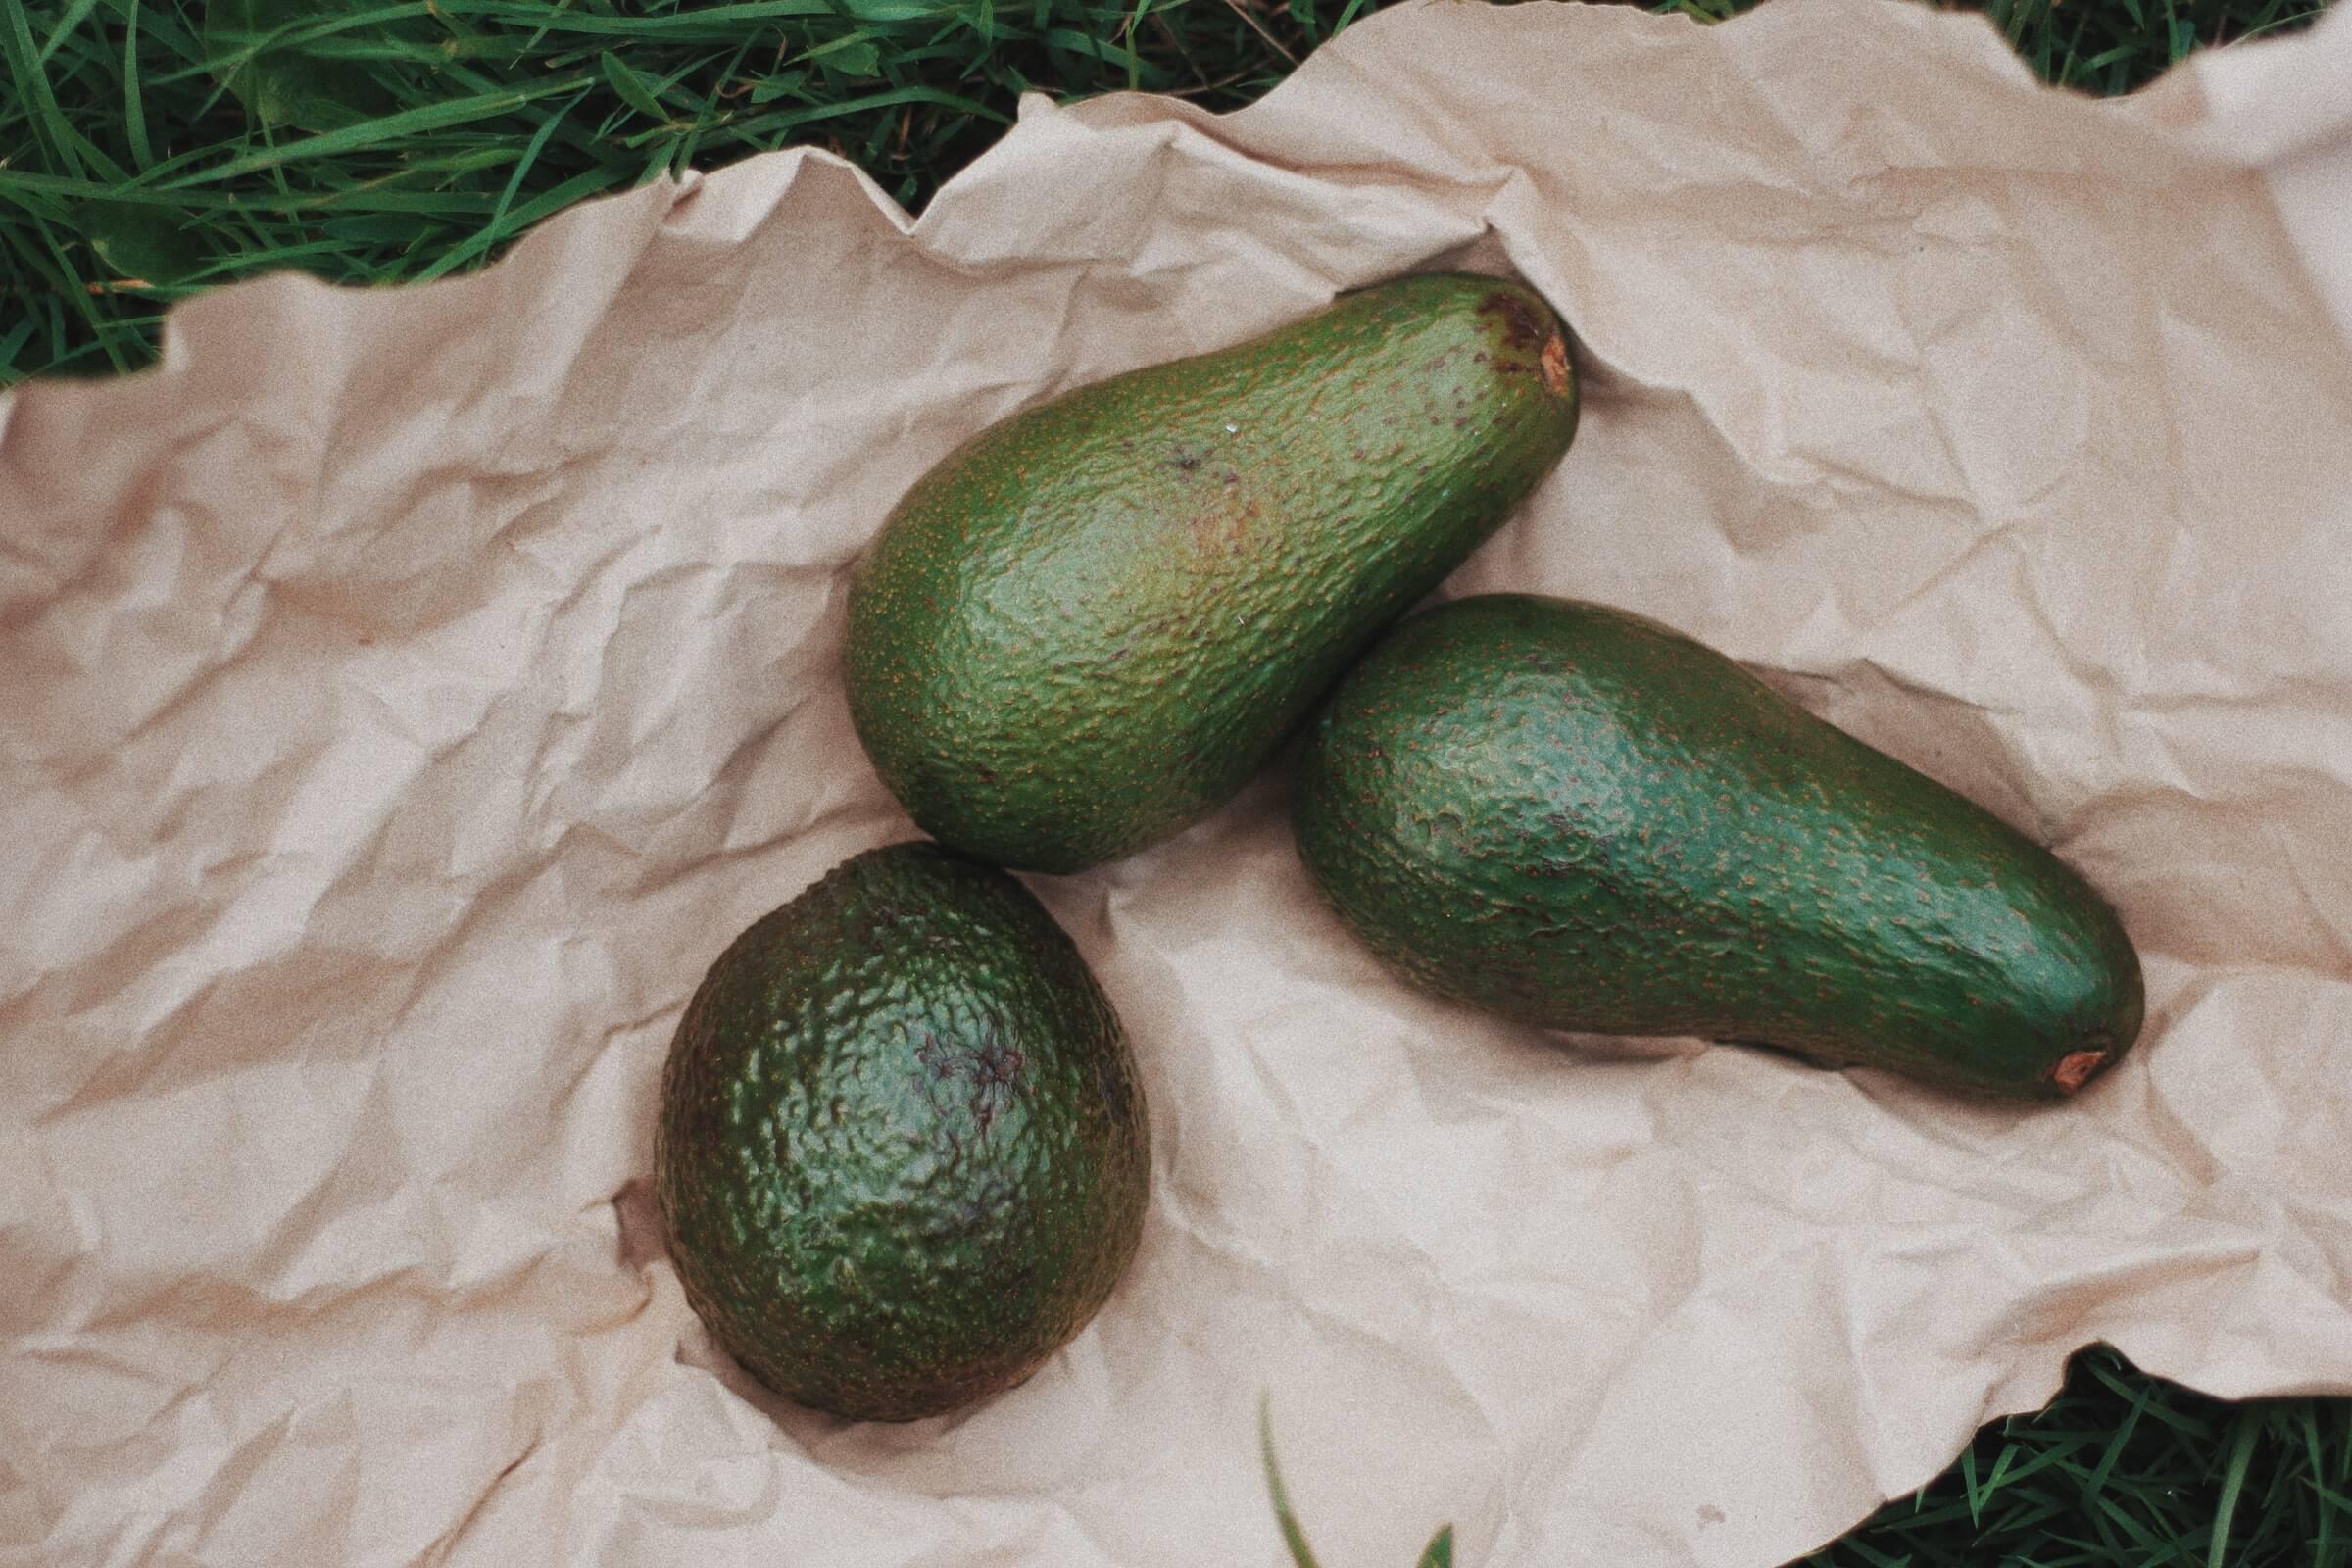 Alegere fruct cu grăsimi sănătoase